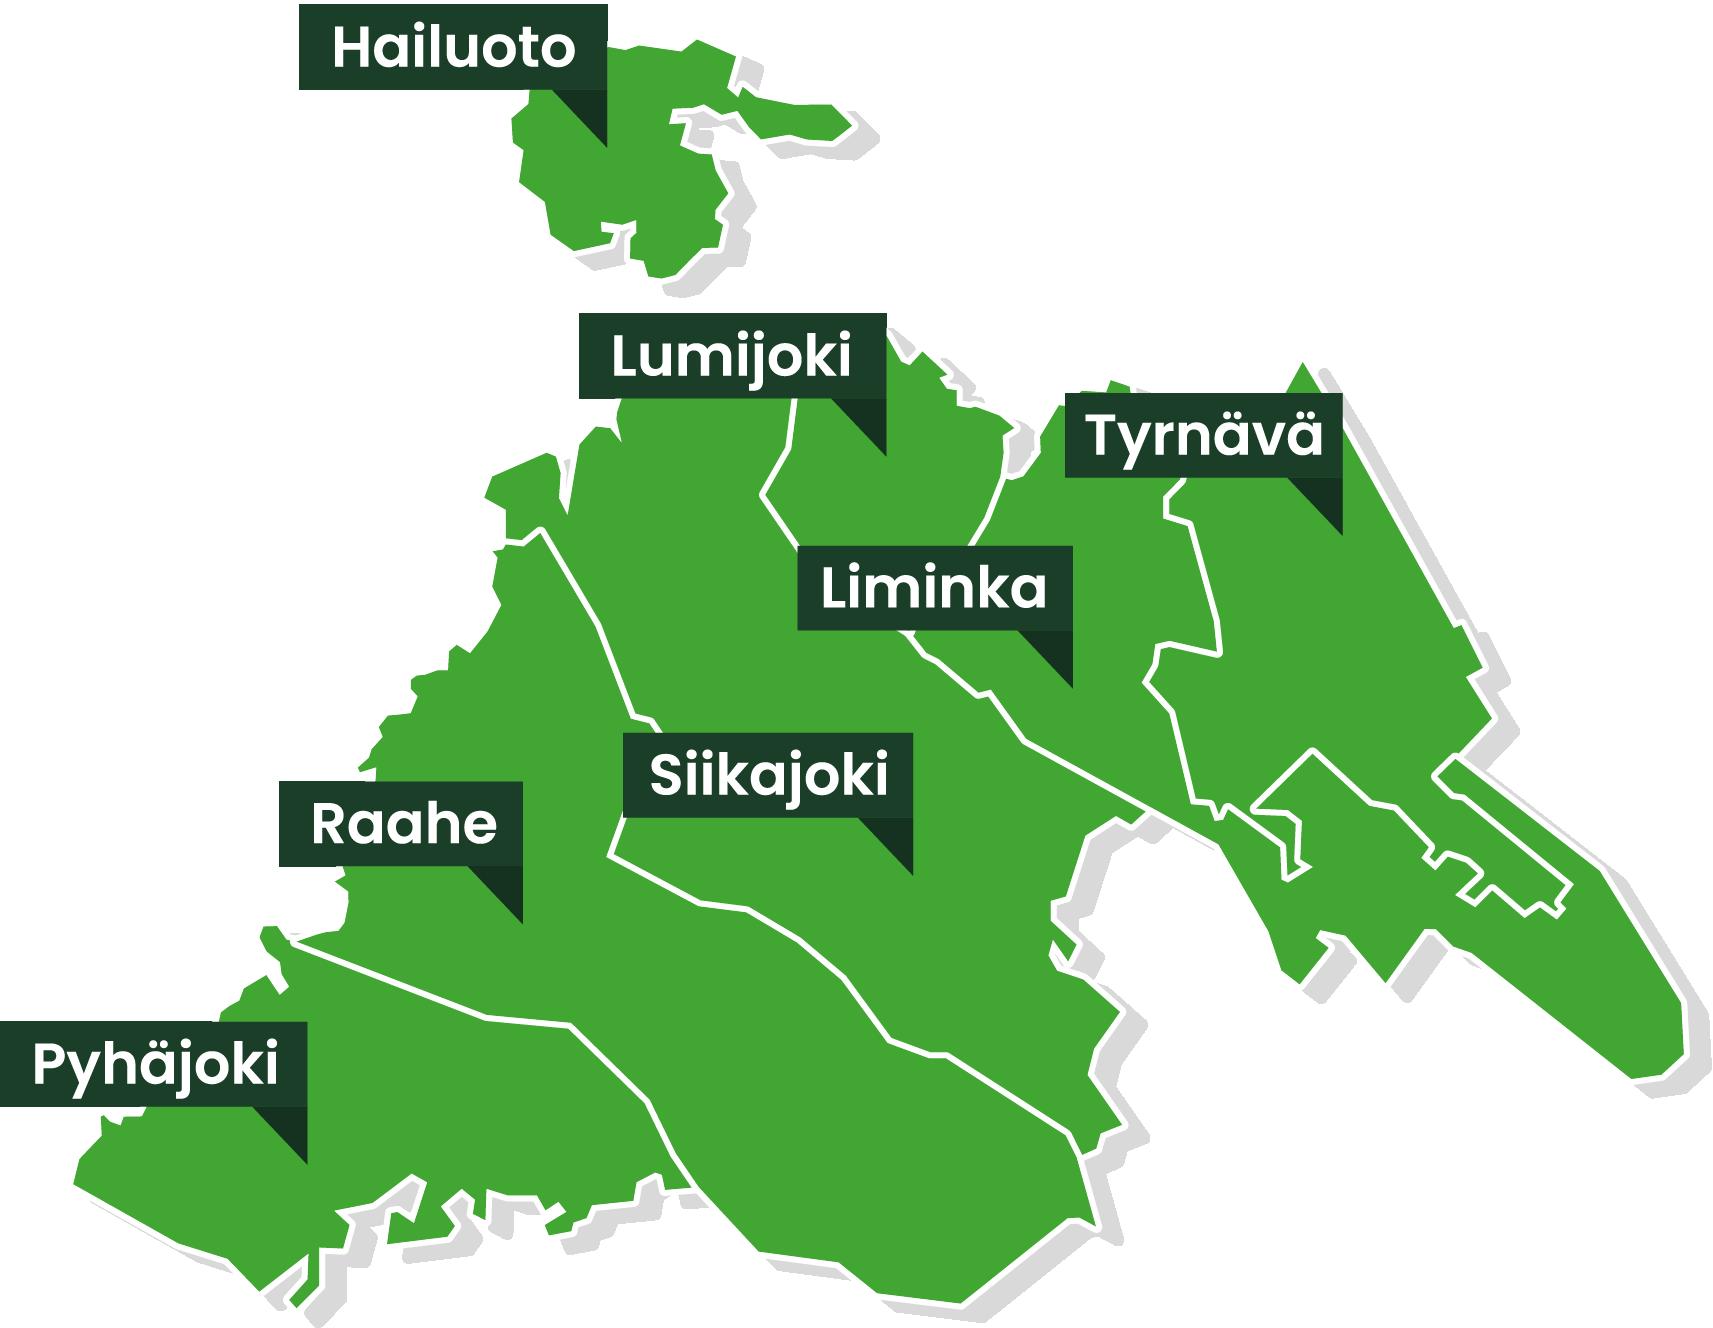 Norsun toiminta-alueeseen kuuluvat Hailuoto, Liminka, Lumijoki, Pyhäjoki, Raahe, Siikajoki ja Tyrnävä.